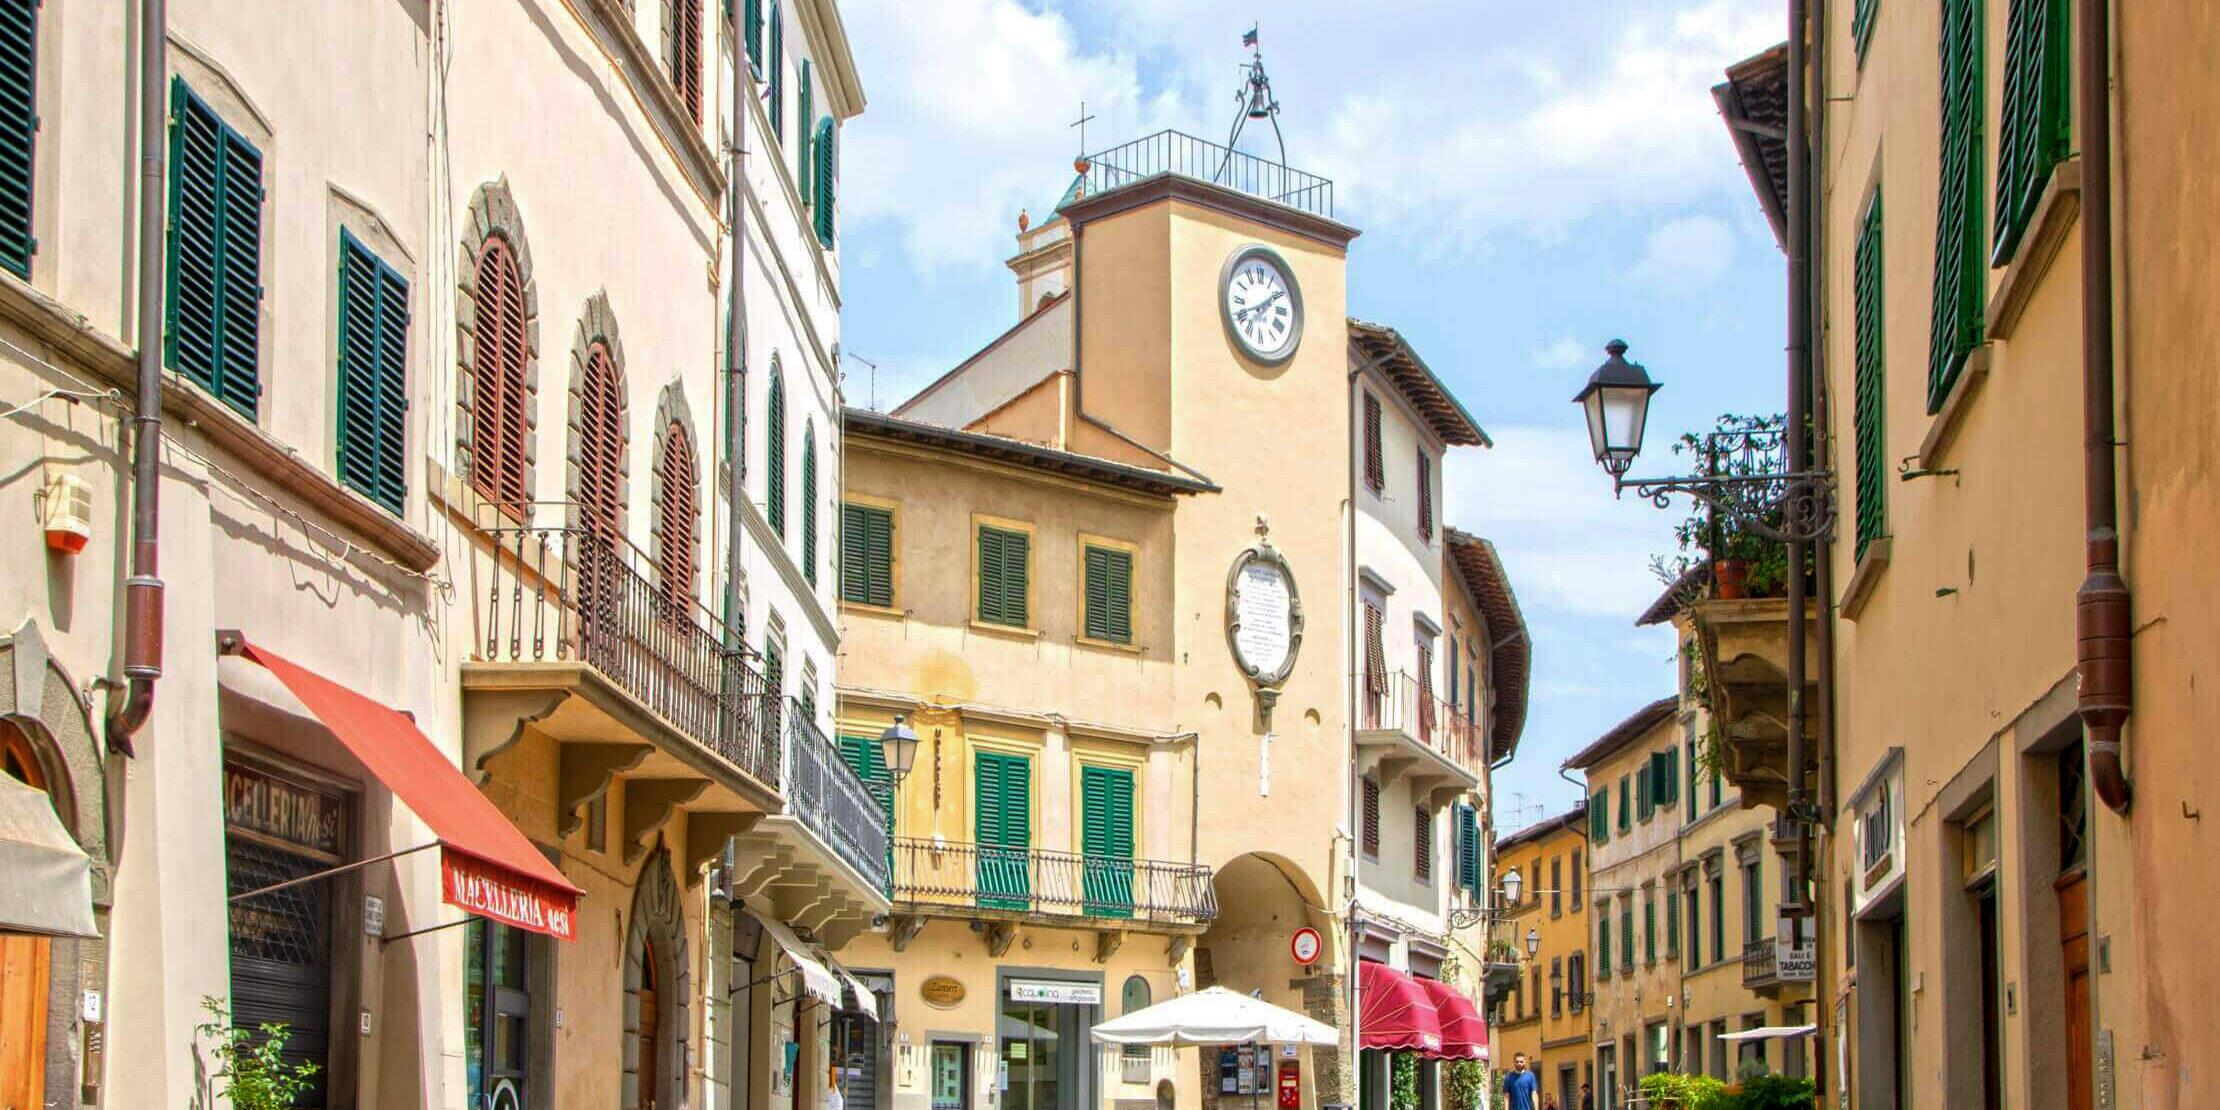 37-VisitChianti-San-Casciano-Val-di-pesa-toscana-shutterstock_1514071904-2220x1600-2